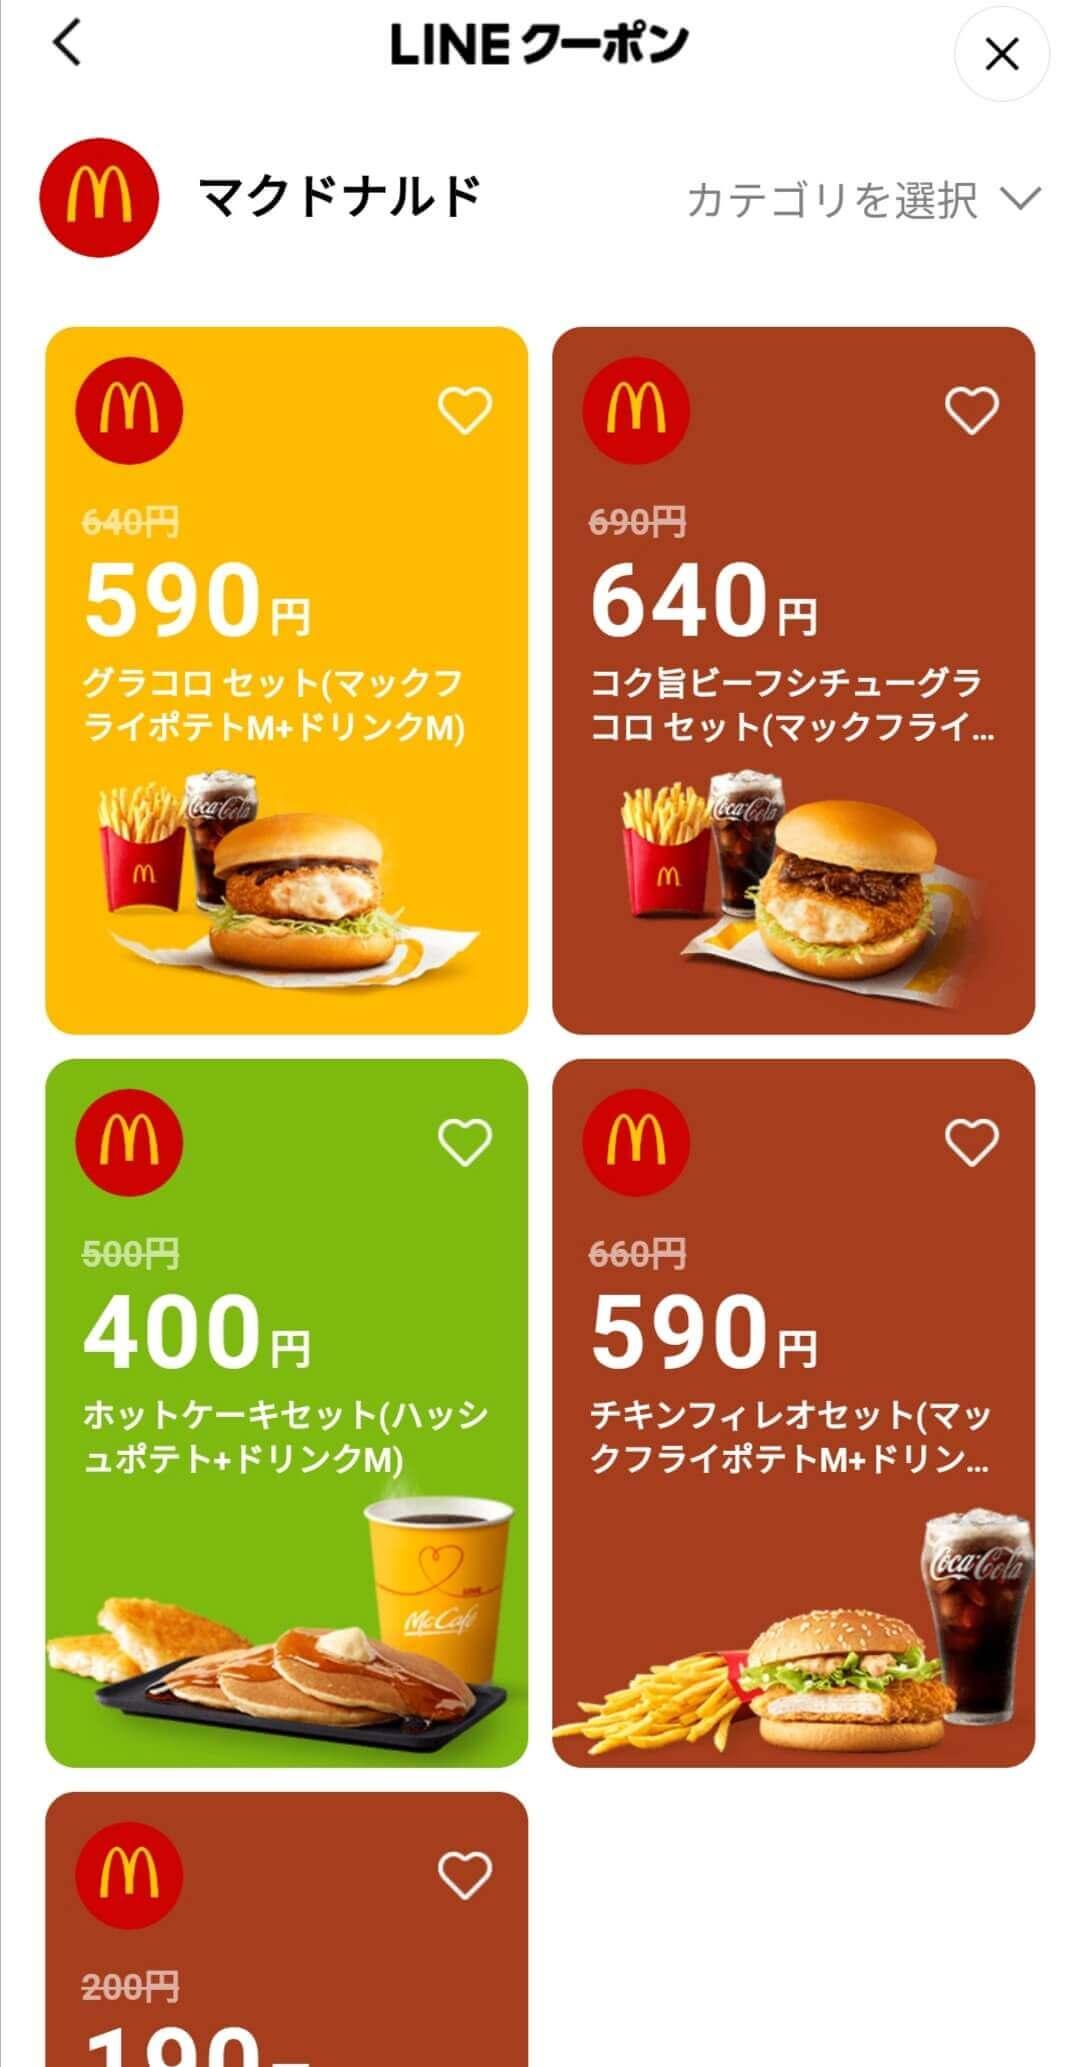 マクドナルドのLINEクーポン